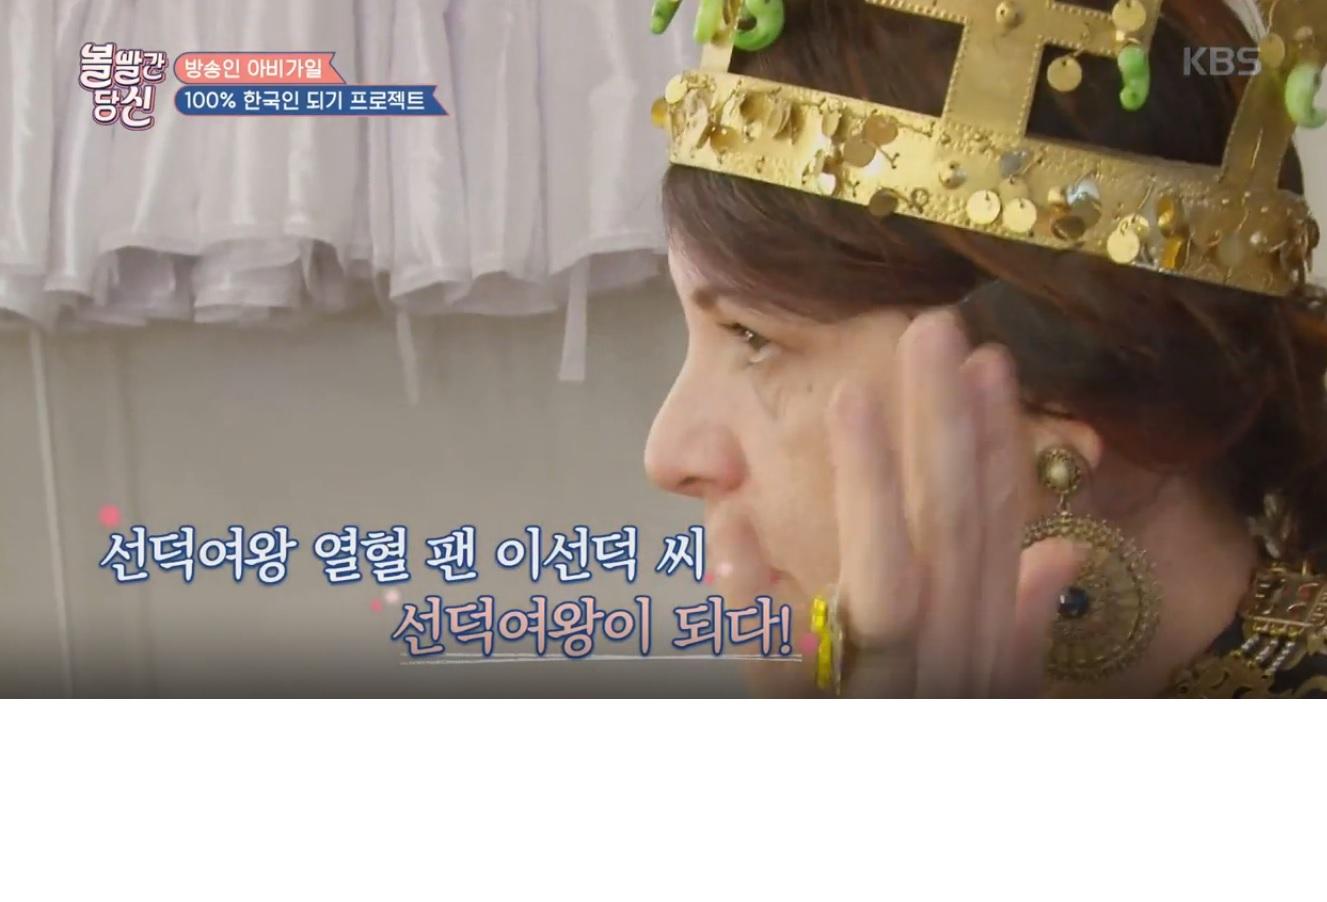 [볼 빨간 당신] 한국 사랑으로 개명까지 감행한 아비가일 엄마의 새로운 한국 이름은?